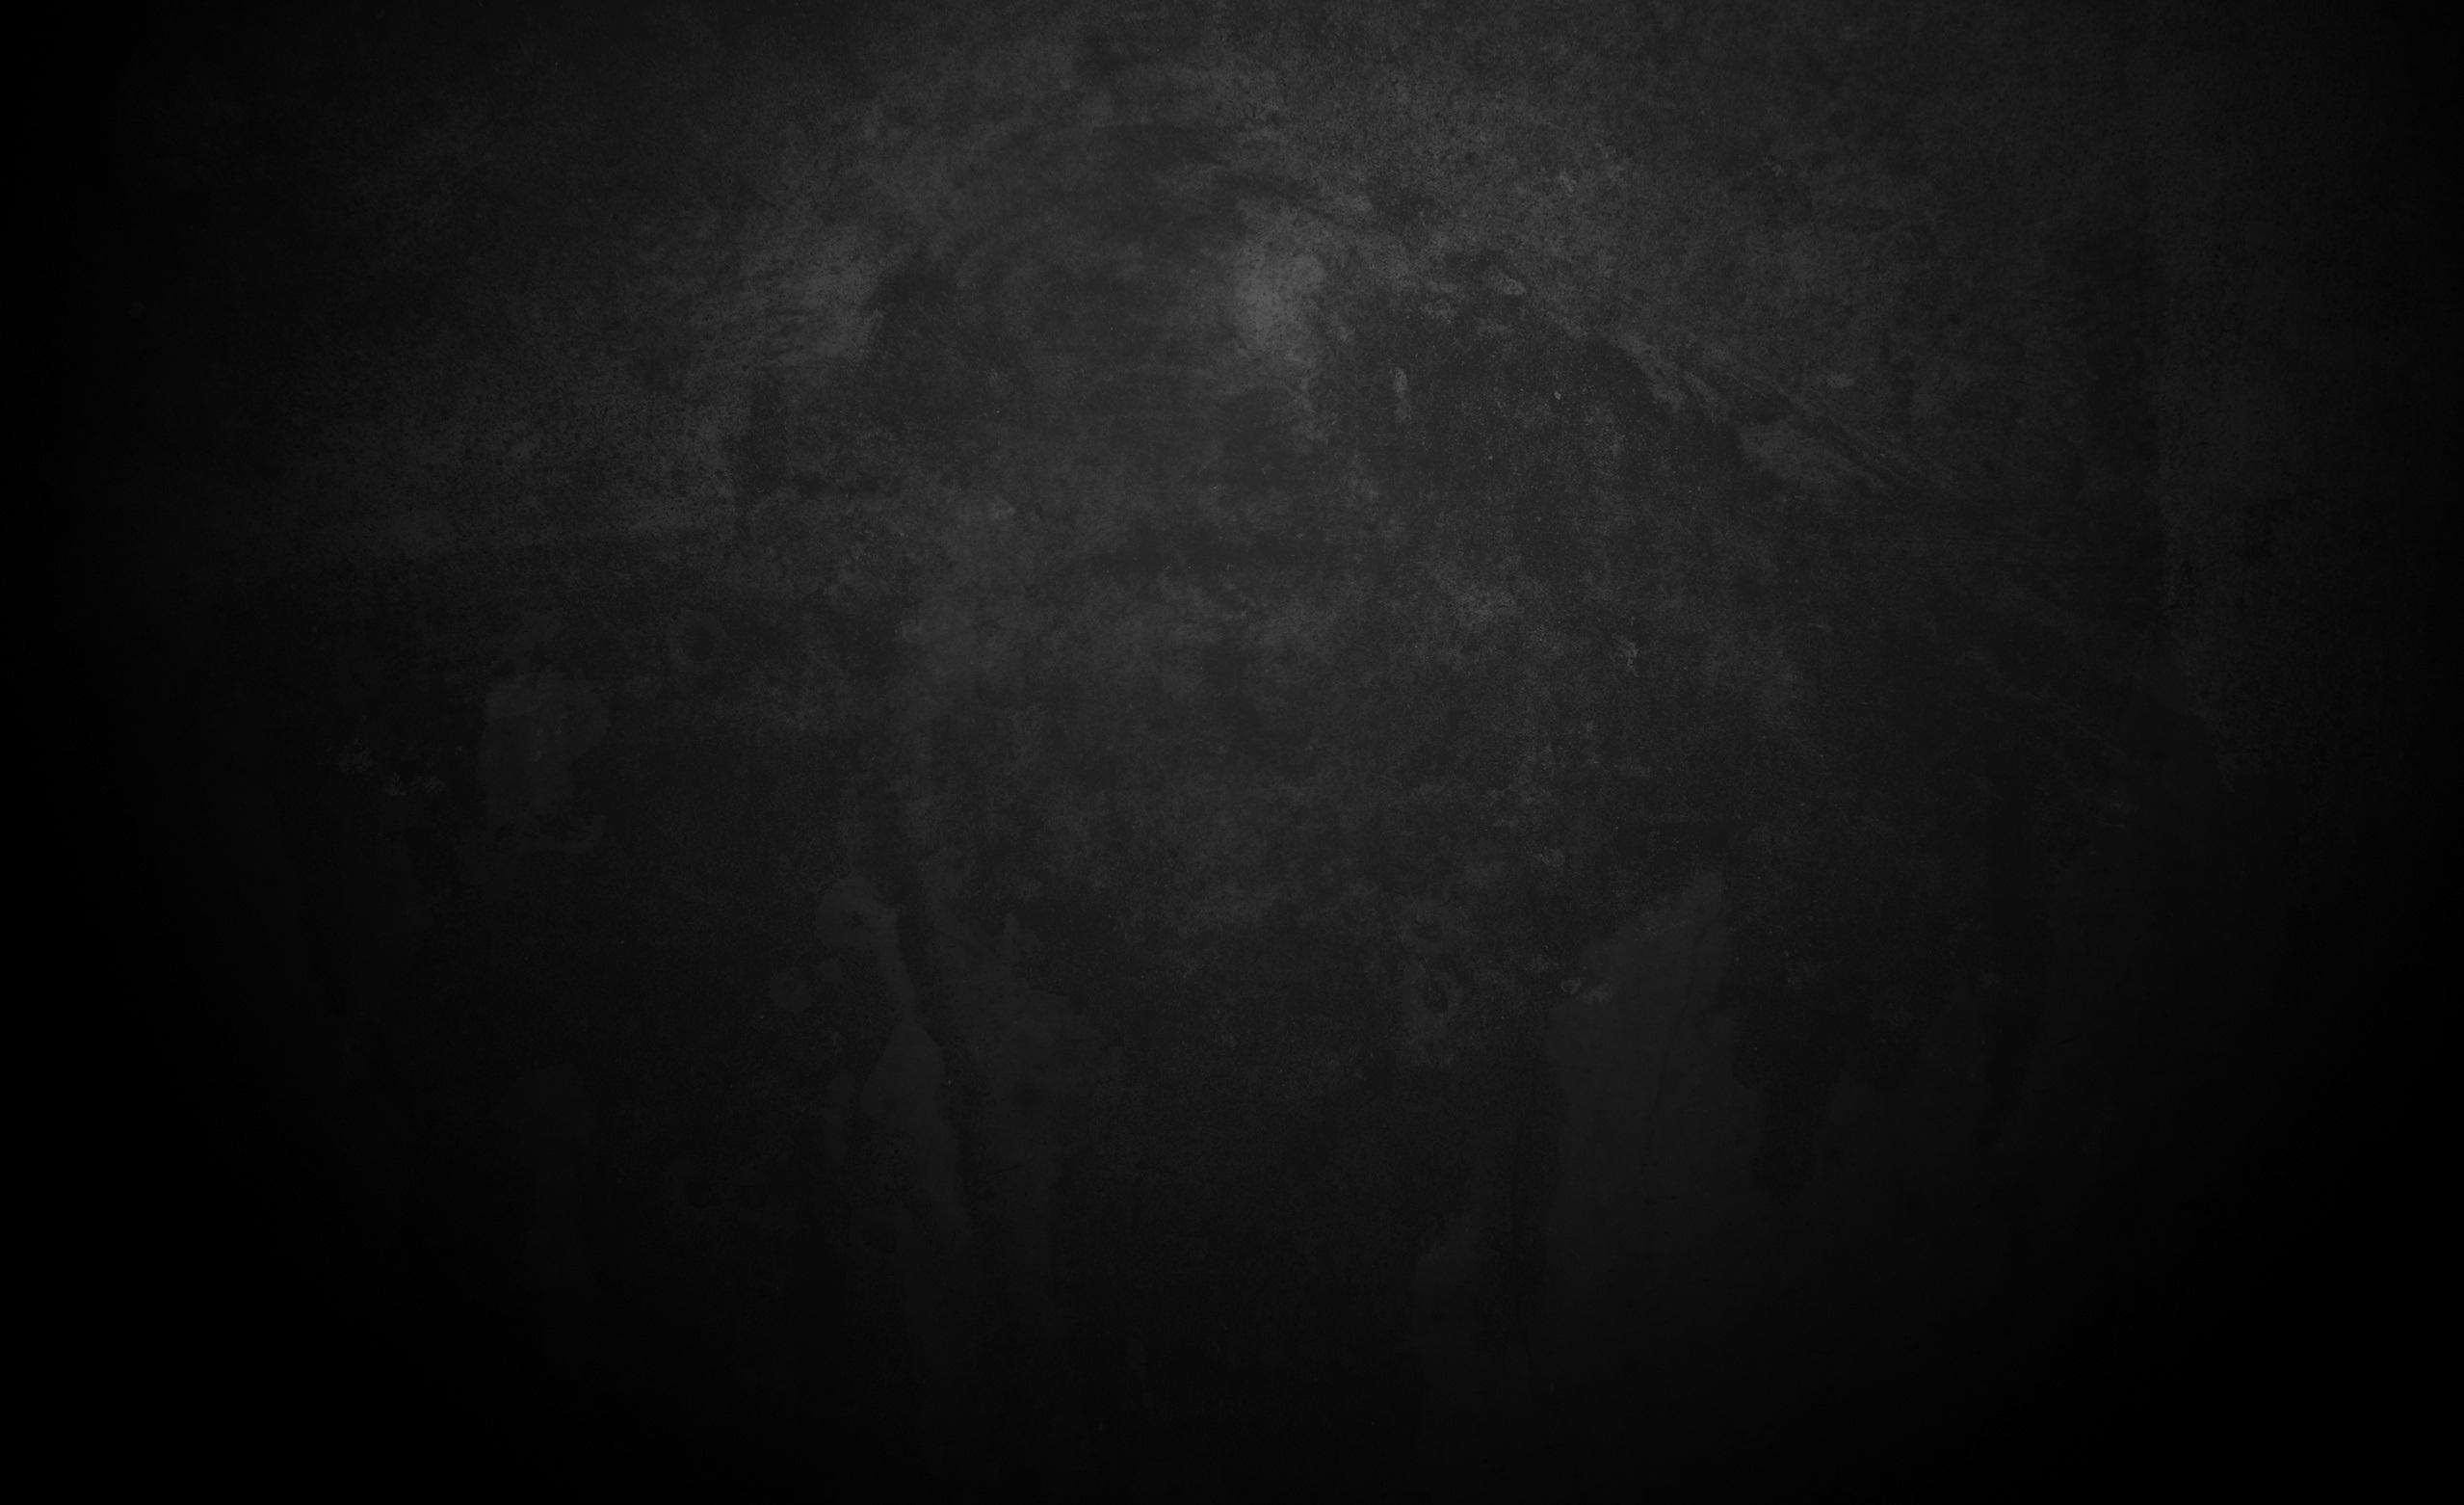 фото фон тёмный